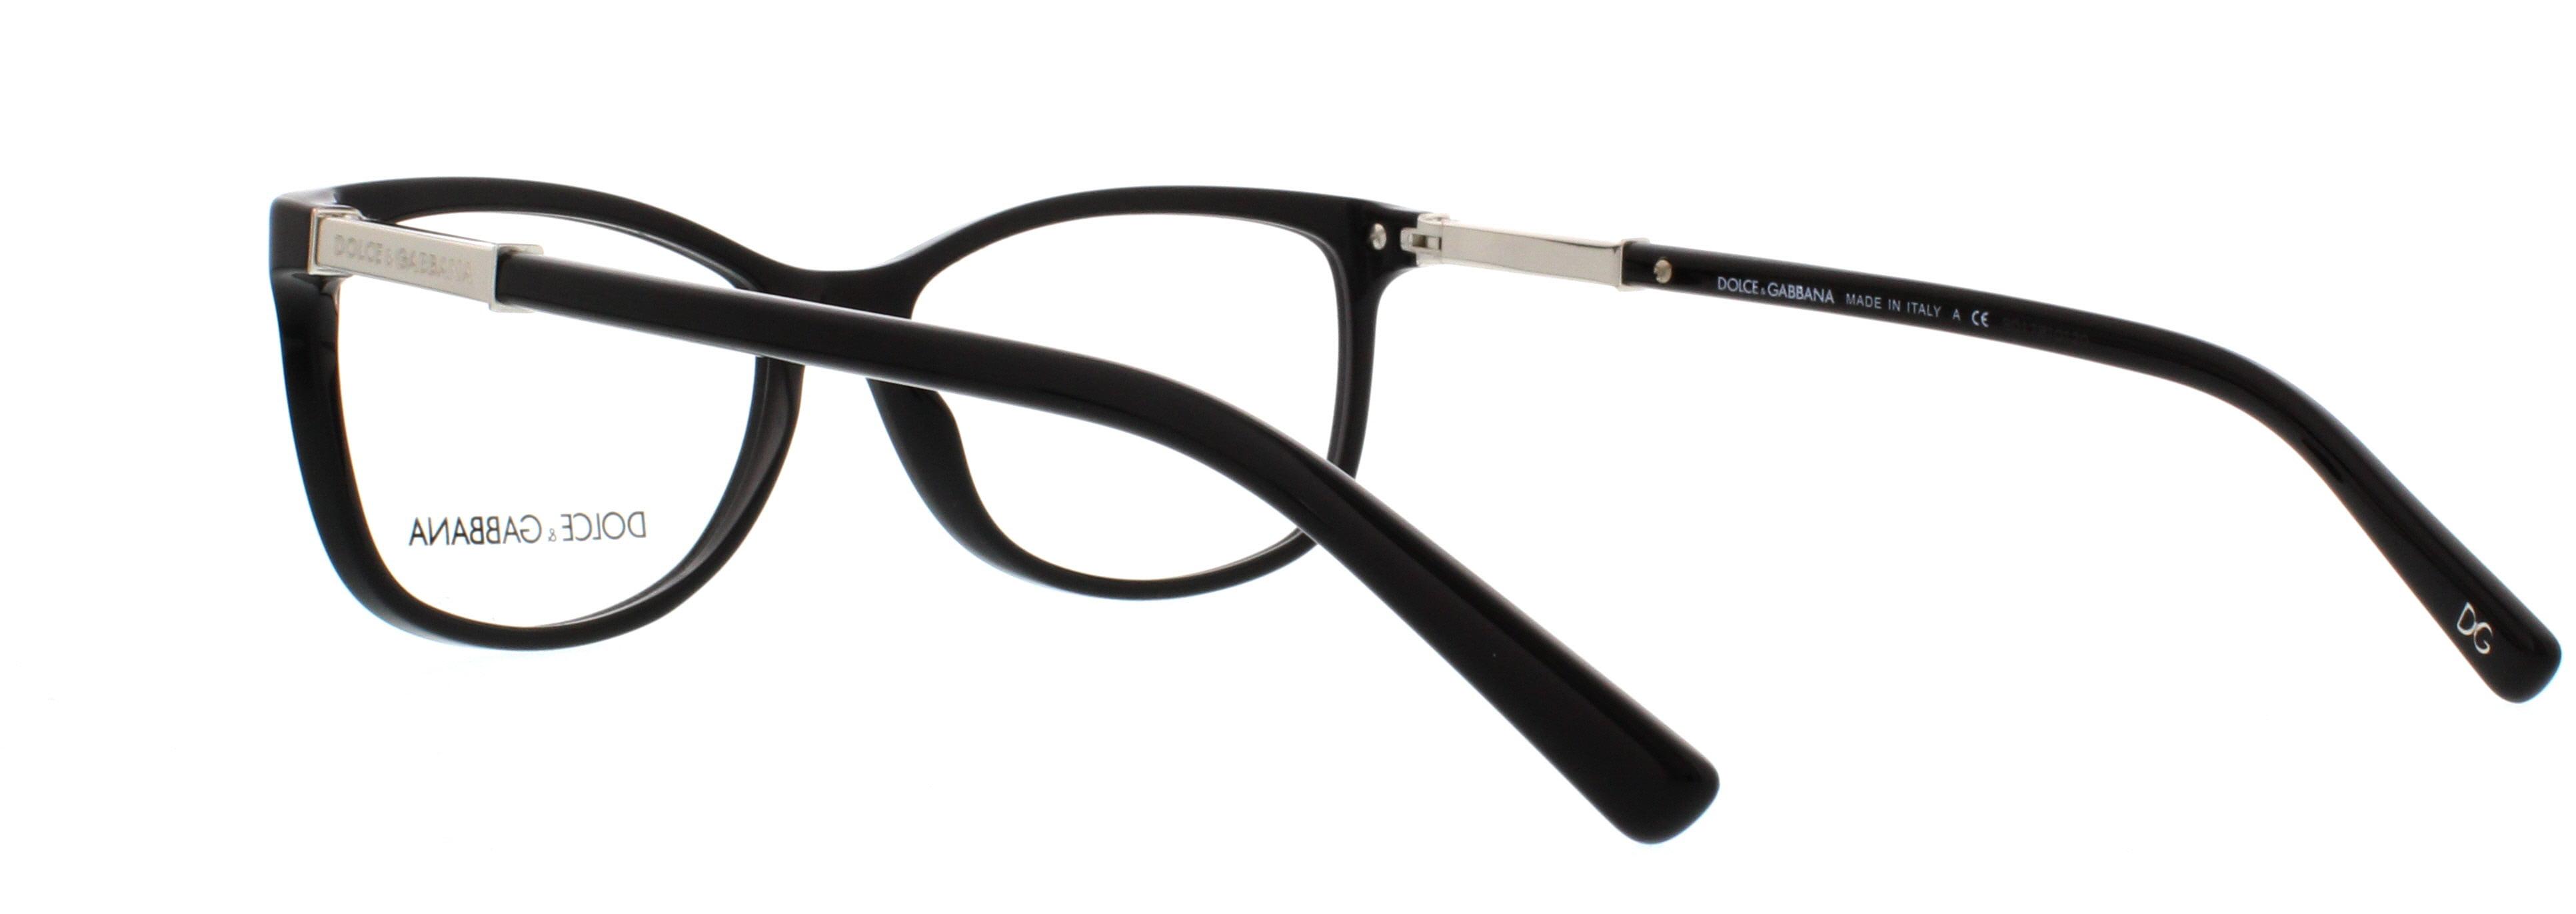 c05e08f20d2 DOLCE   GABBANA Eyeglasses DG 3107 501 Black 54MM